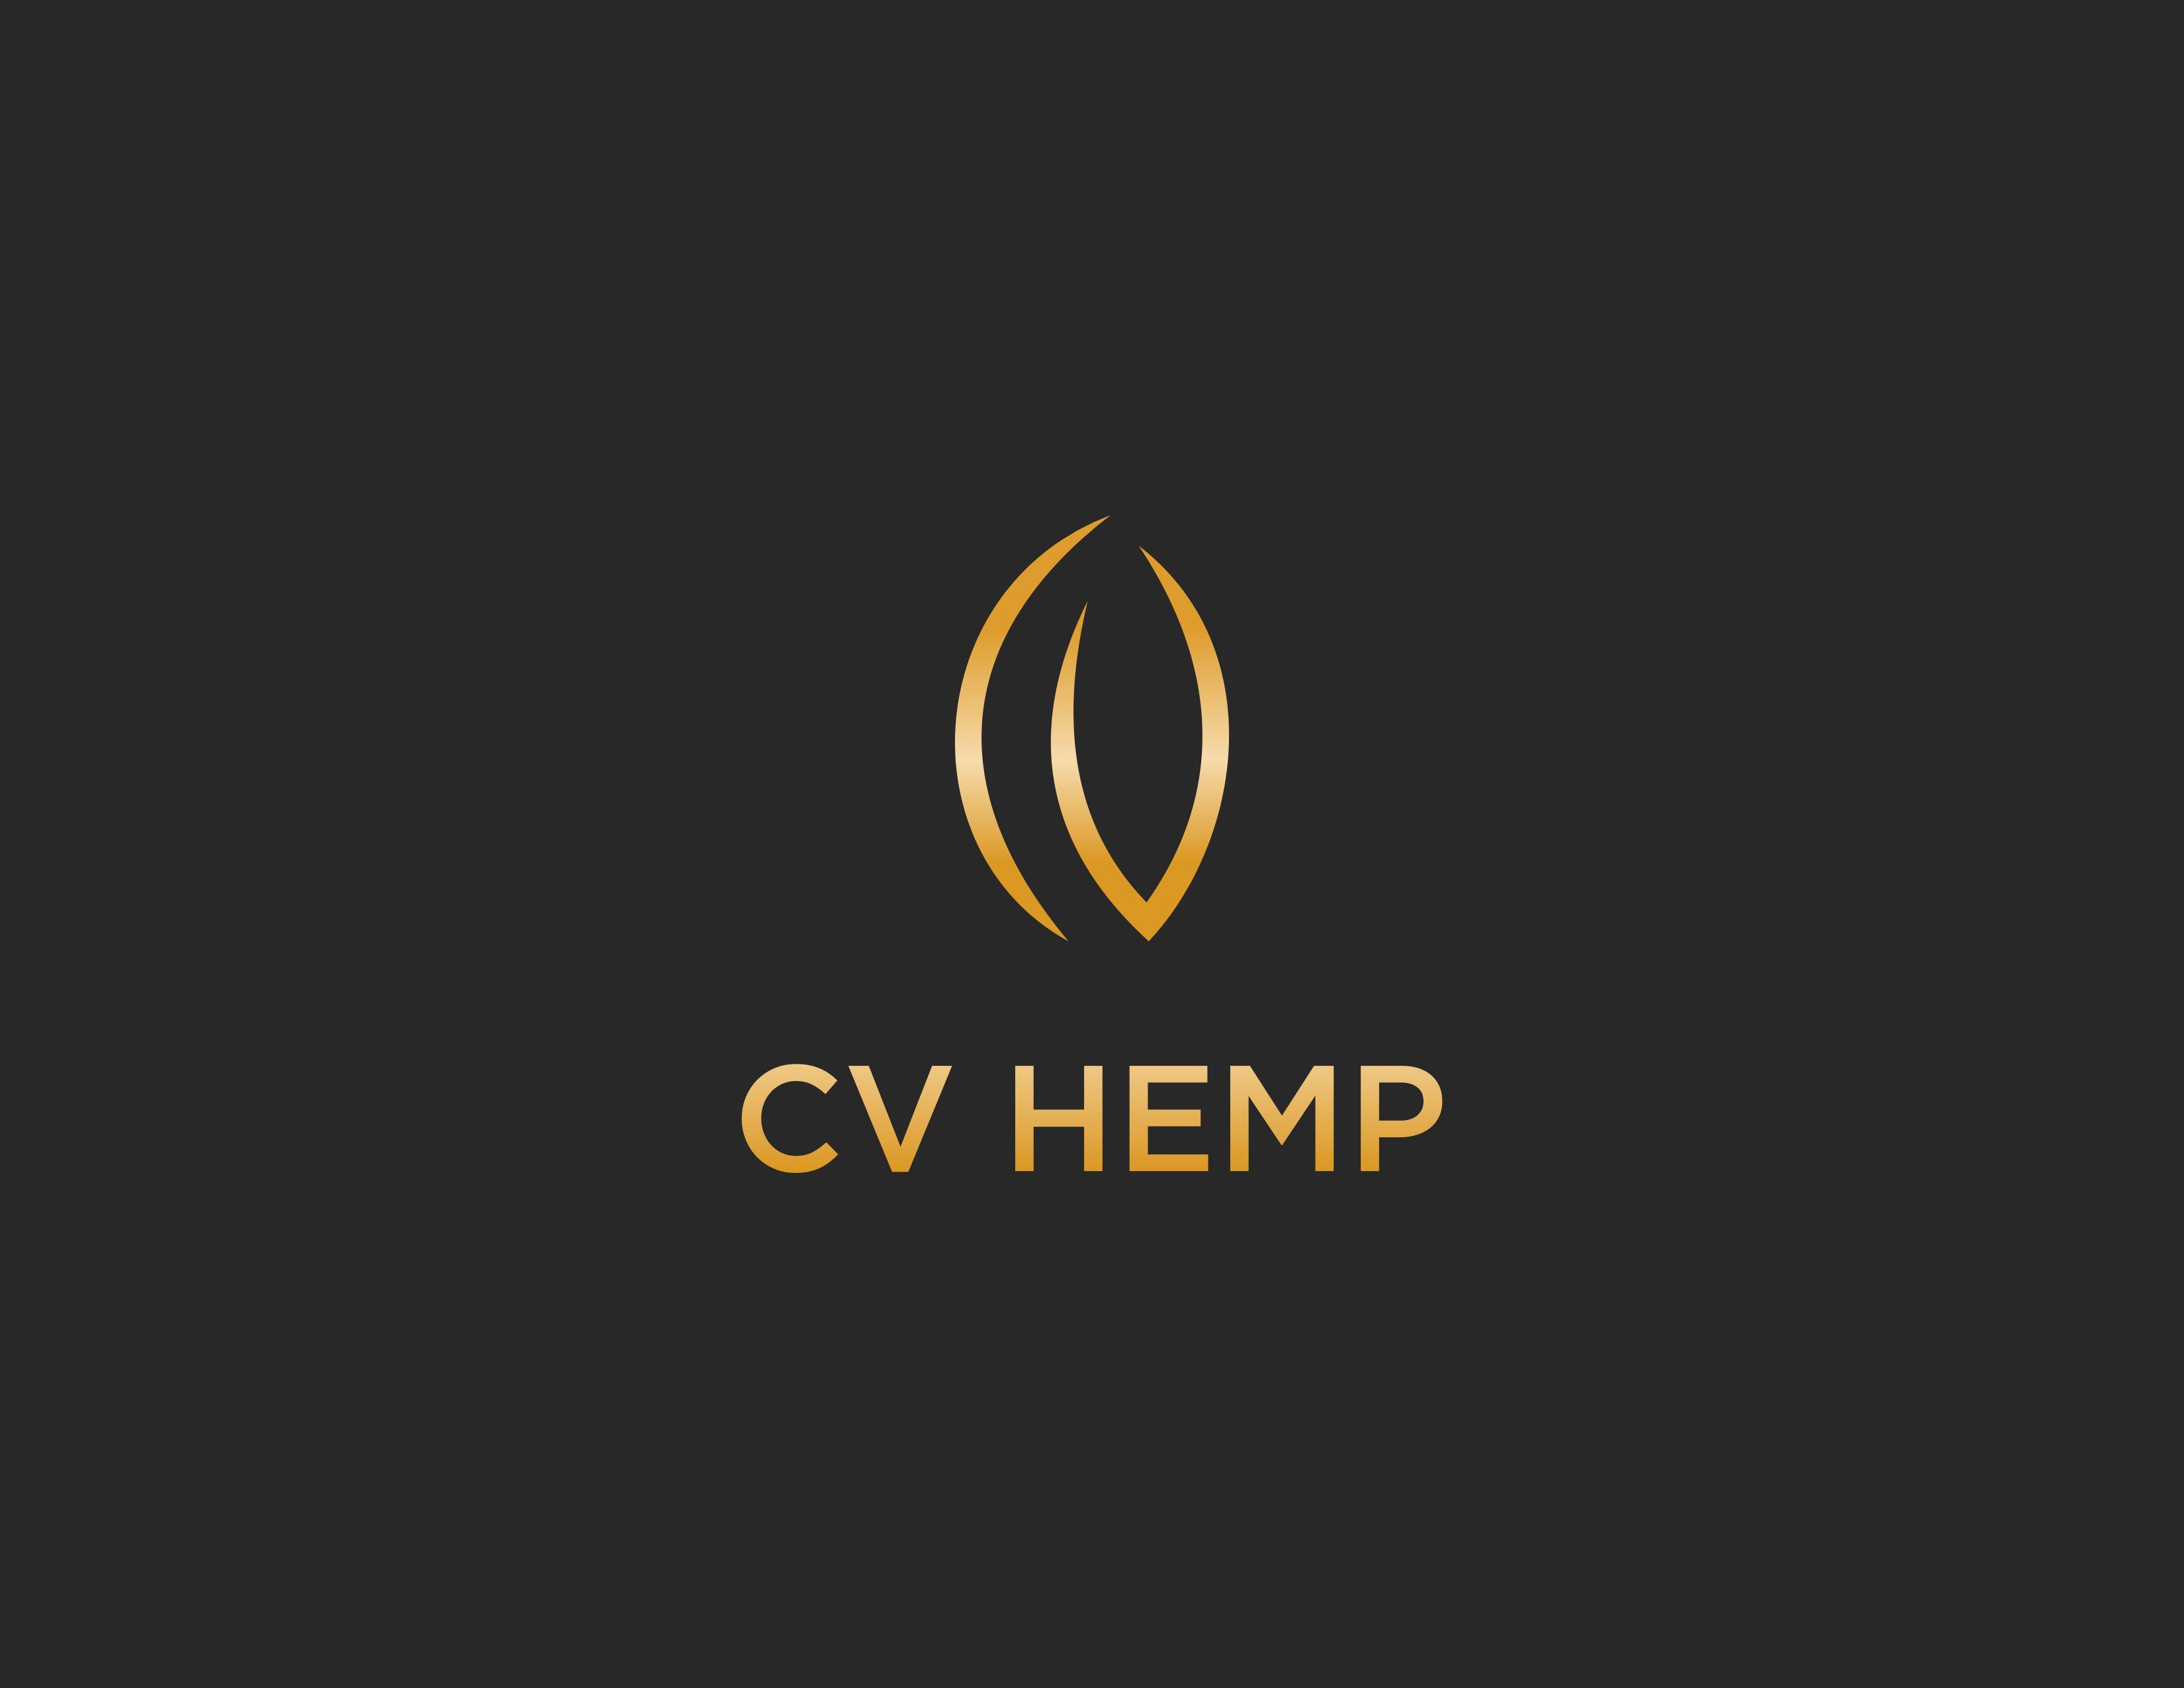 """Aromaland Welless """"CV Hemp"""" Logo Design"""